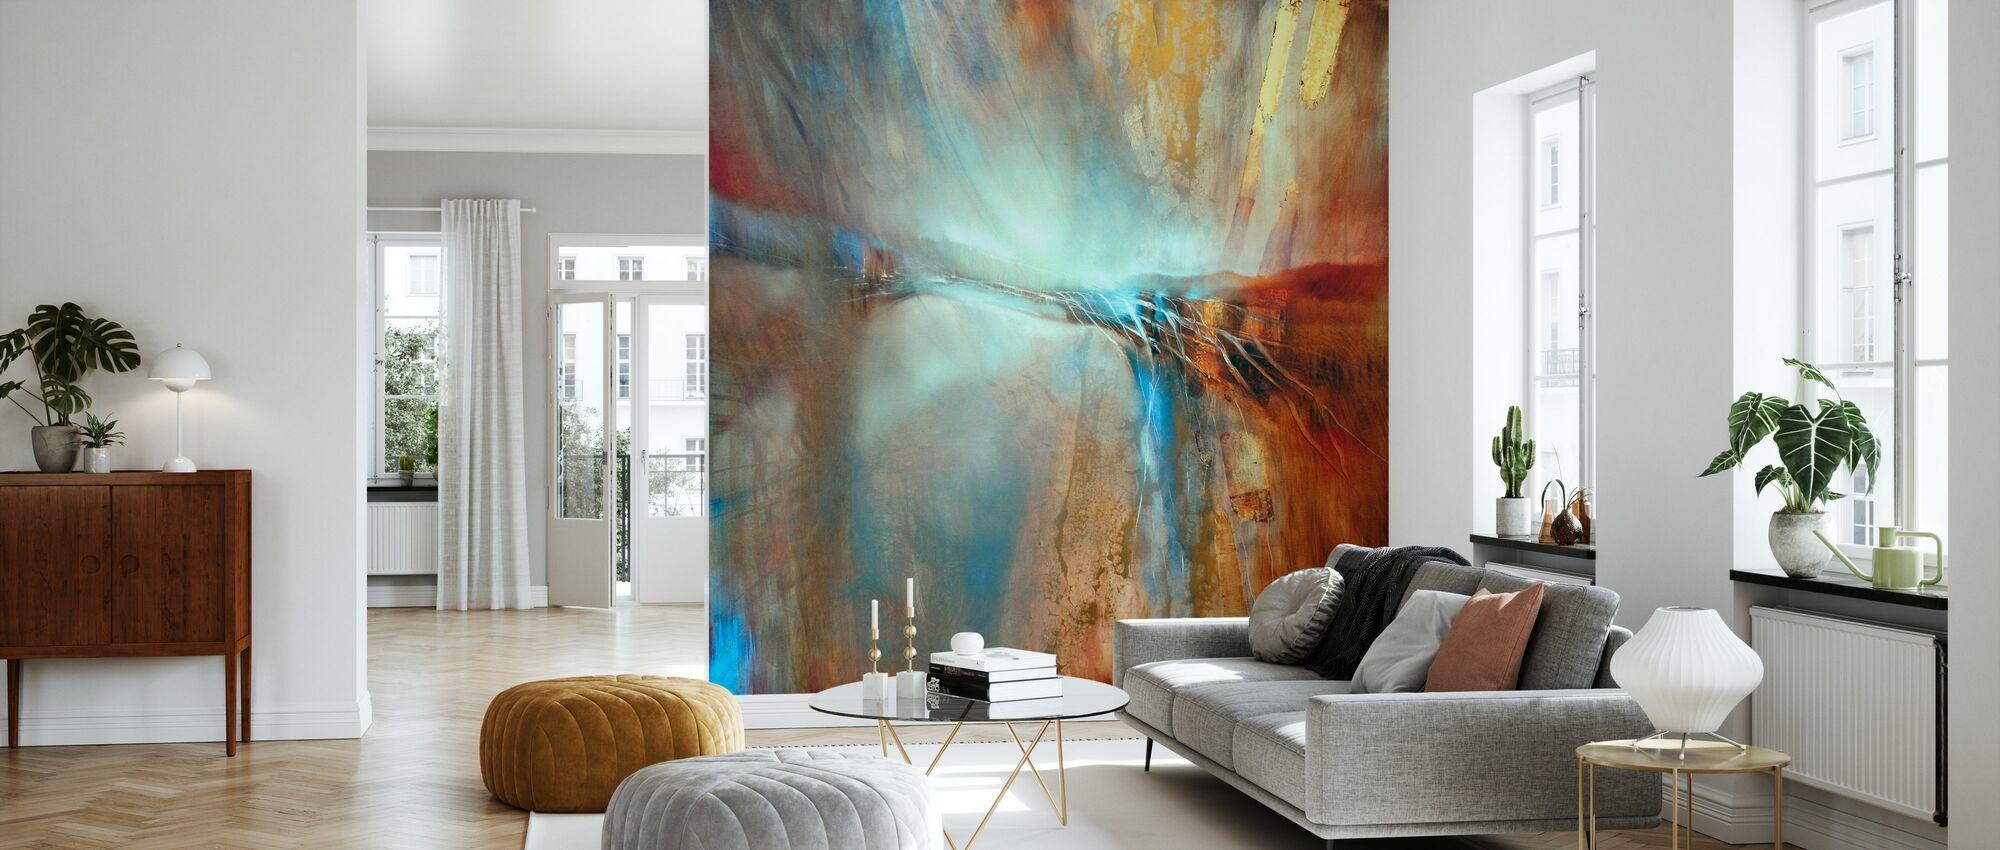 Horizons III - Wallpaper - Living Room